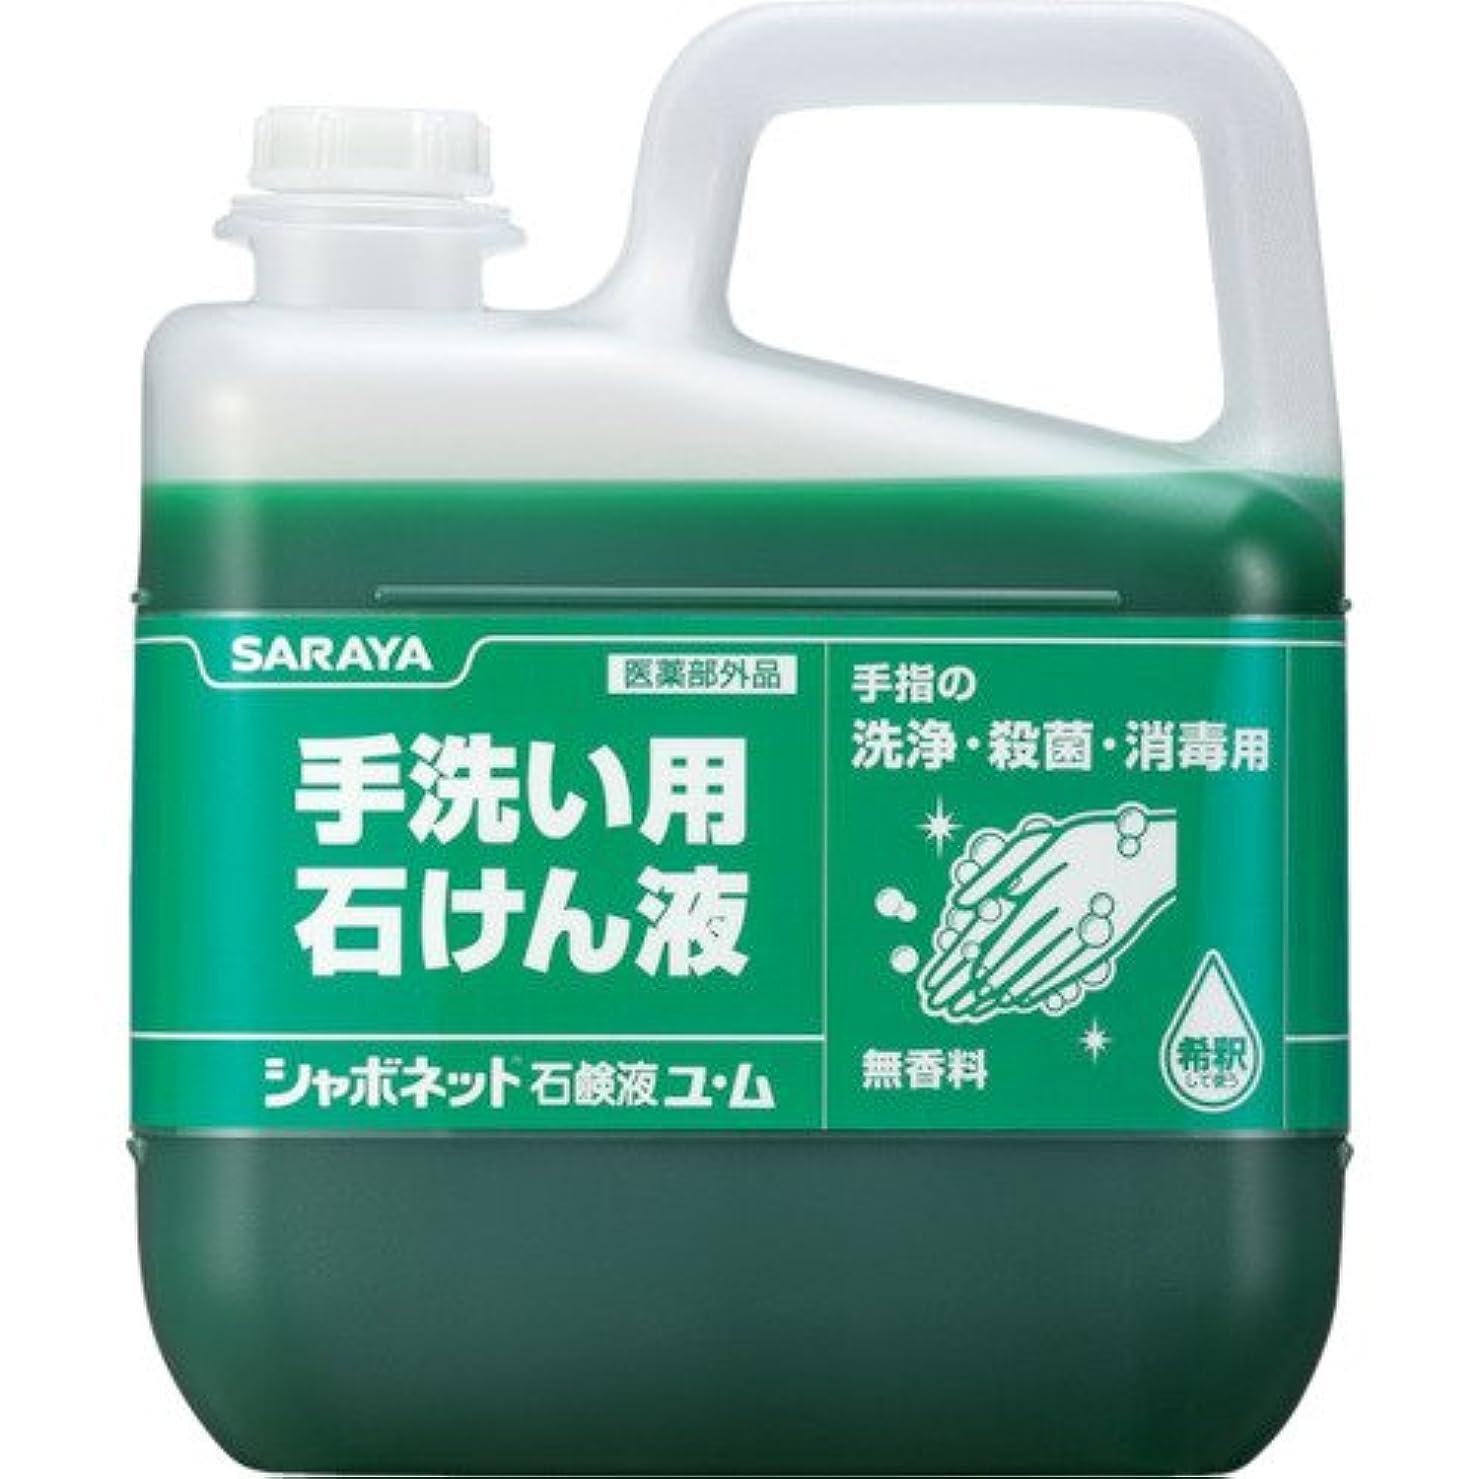 十一存在財産サラヤ ハンドソープ シャボネット石鹸液ユ?ム 5kg